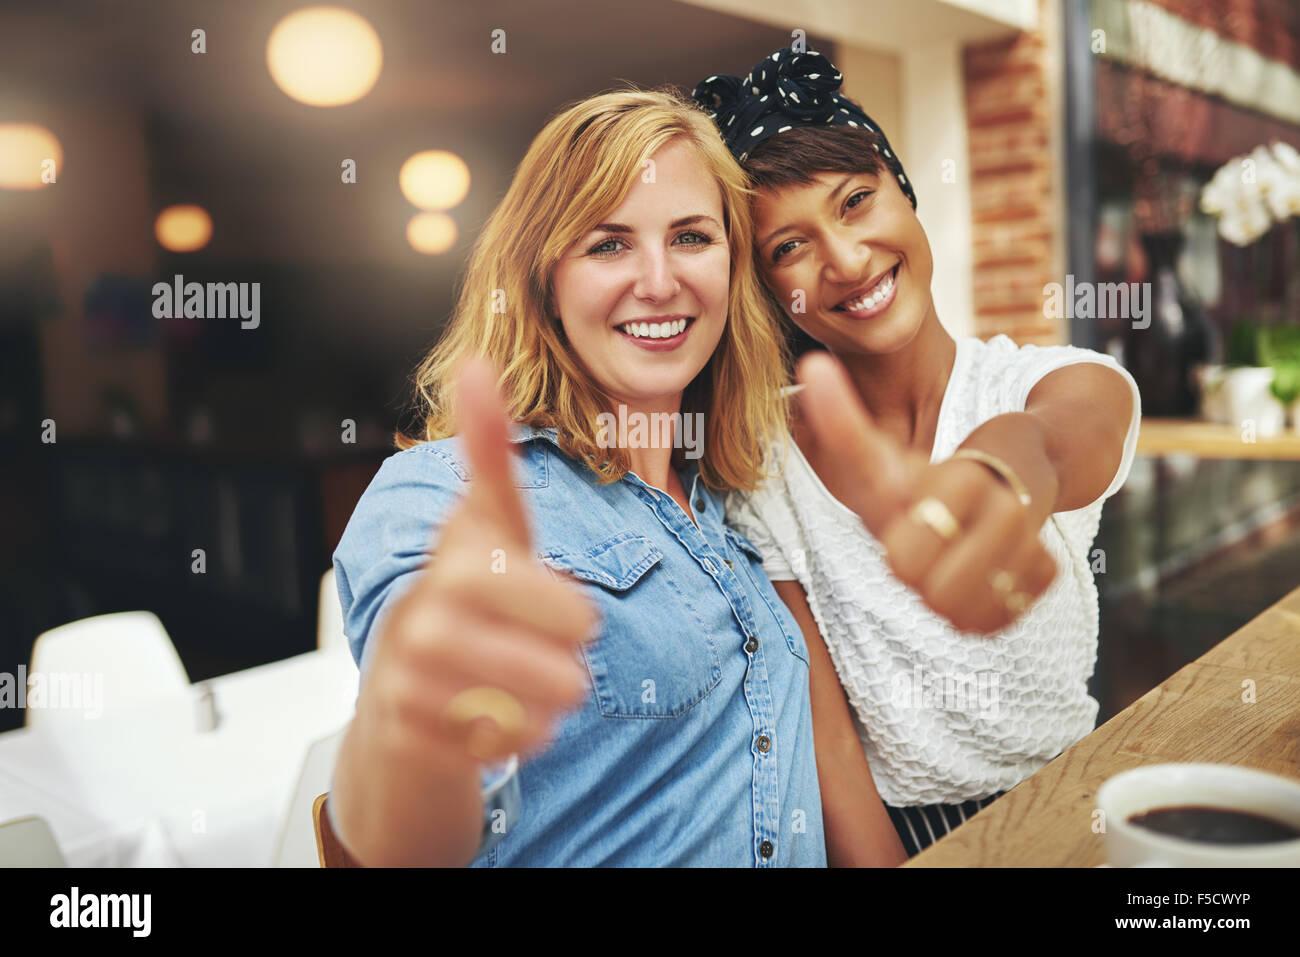 Zwei glückliche junge Freundinnen geben einen Daumen nach oben Geste der Zustimmung und der Erfolg, wie sie Arm Stockfoto